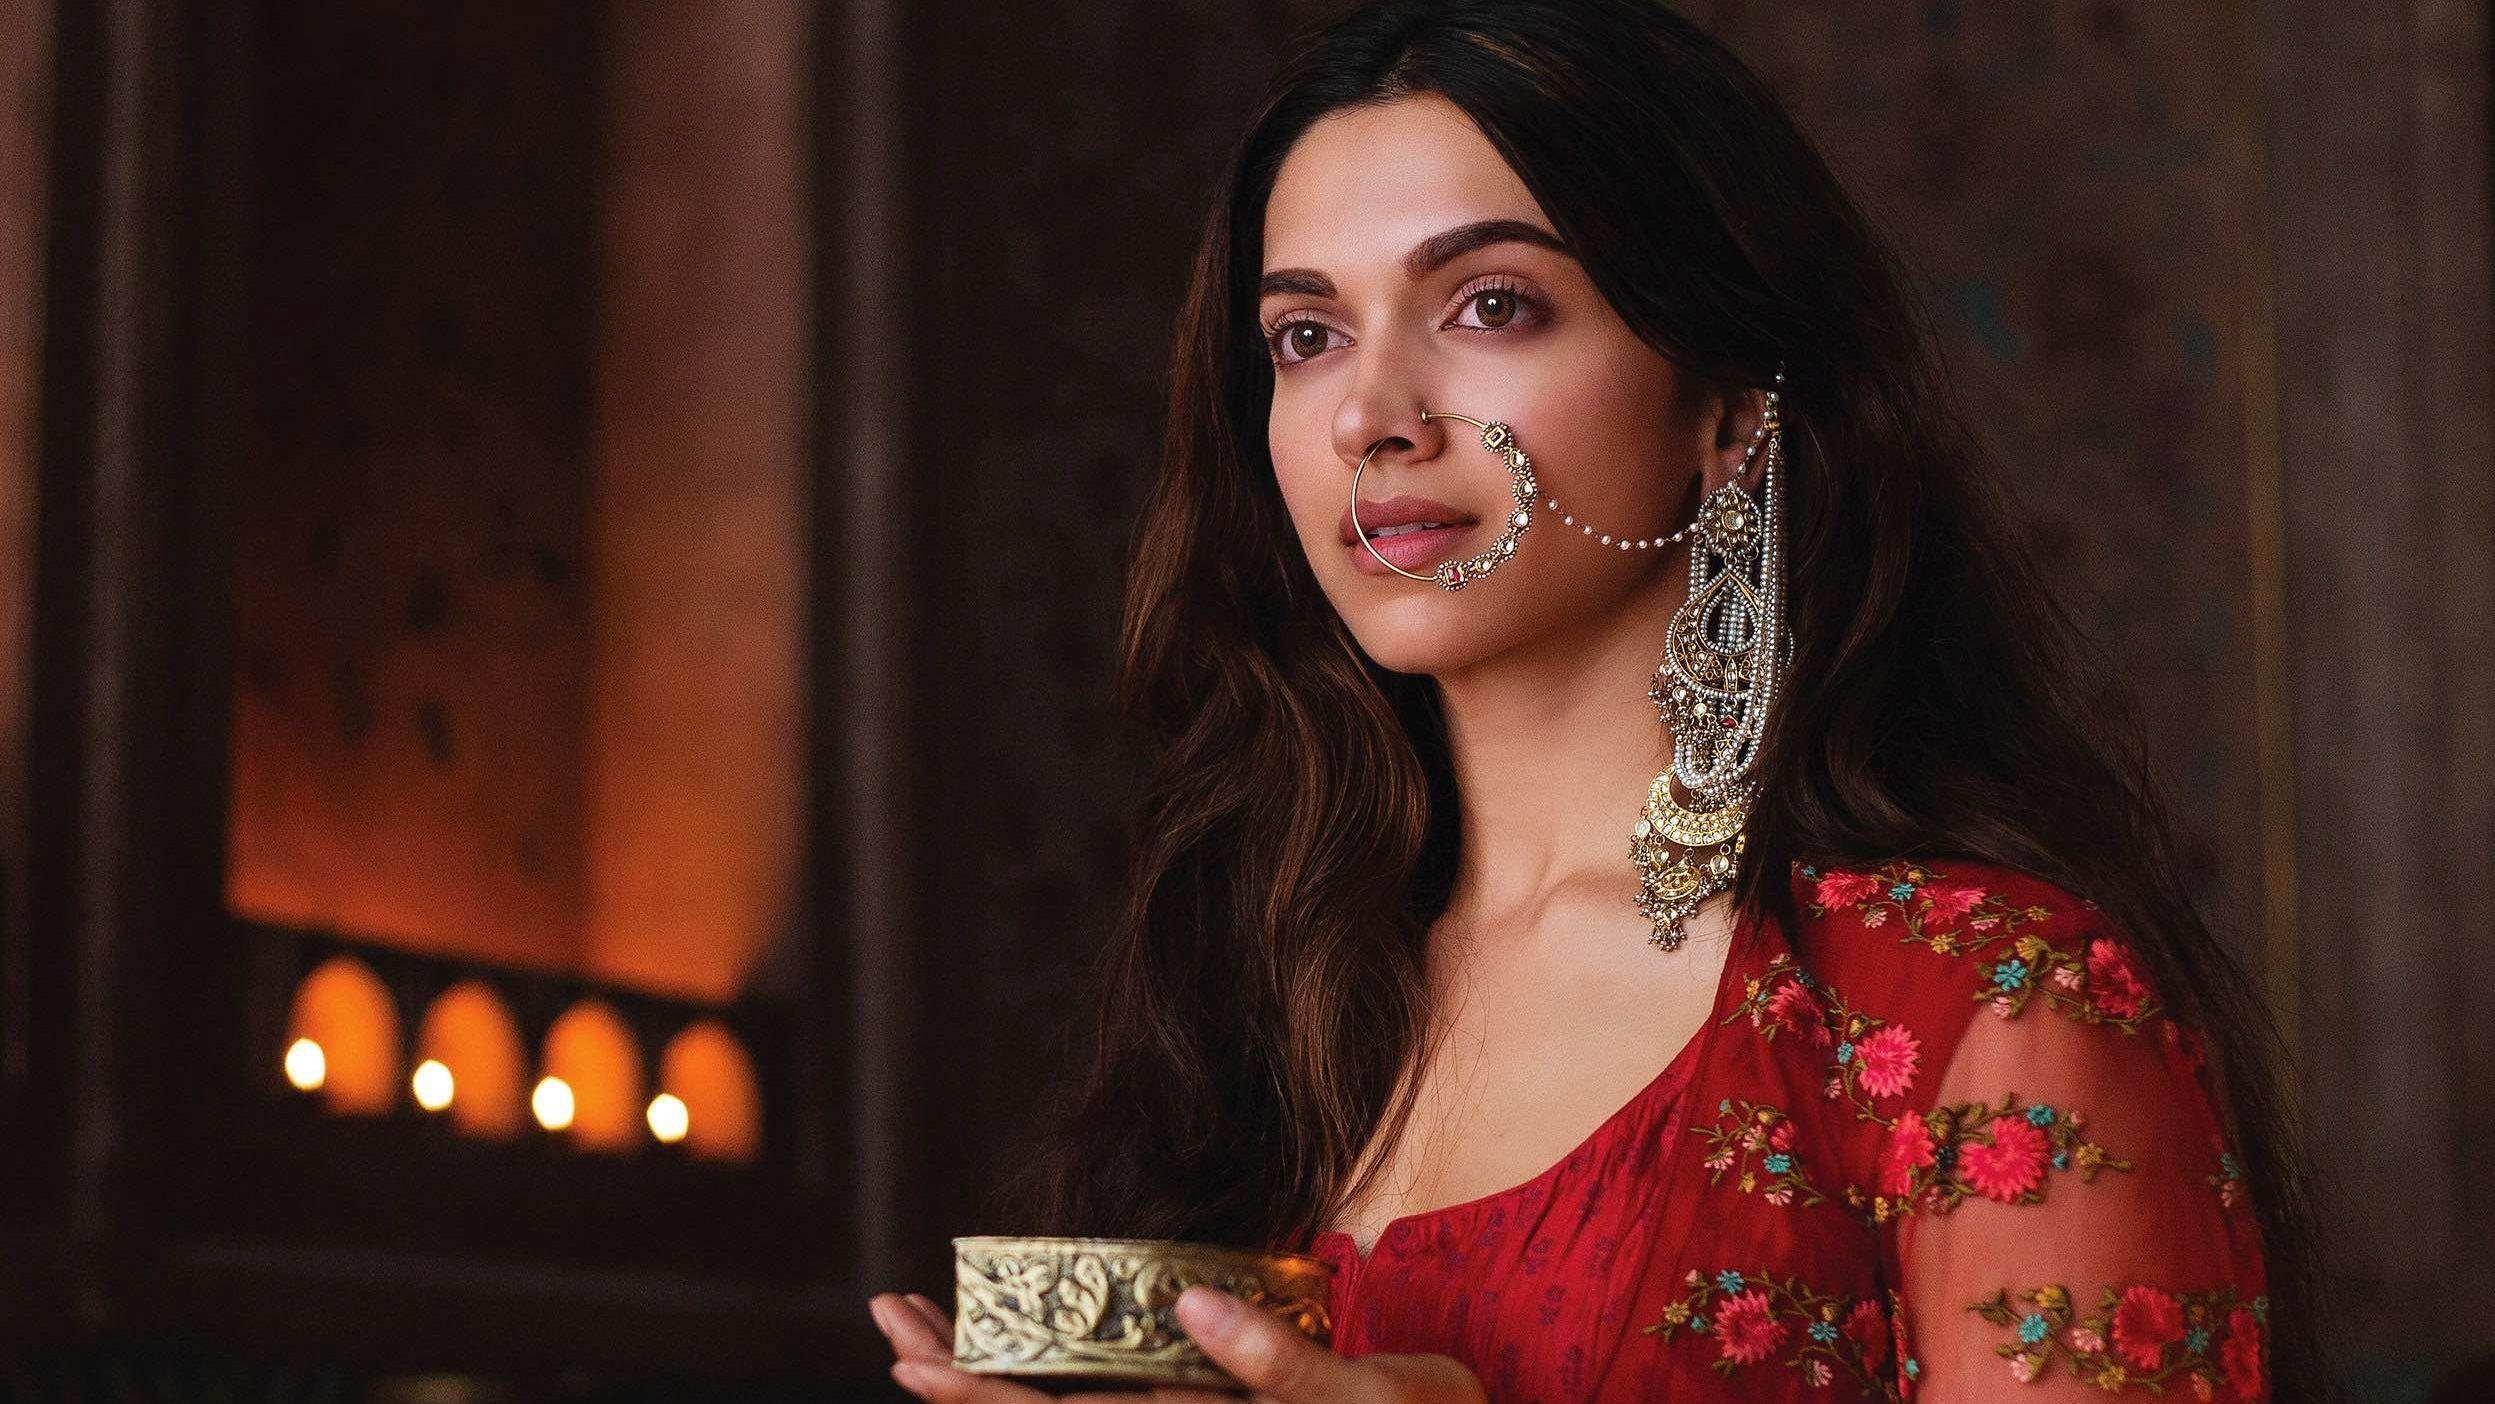 Pin by Venu on Deepika padukone in 2020 | Beautiful indian ...